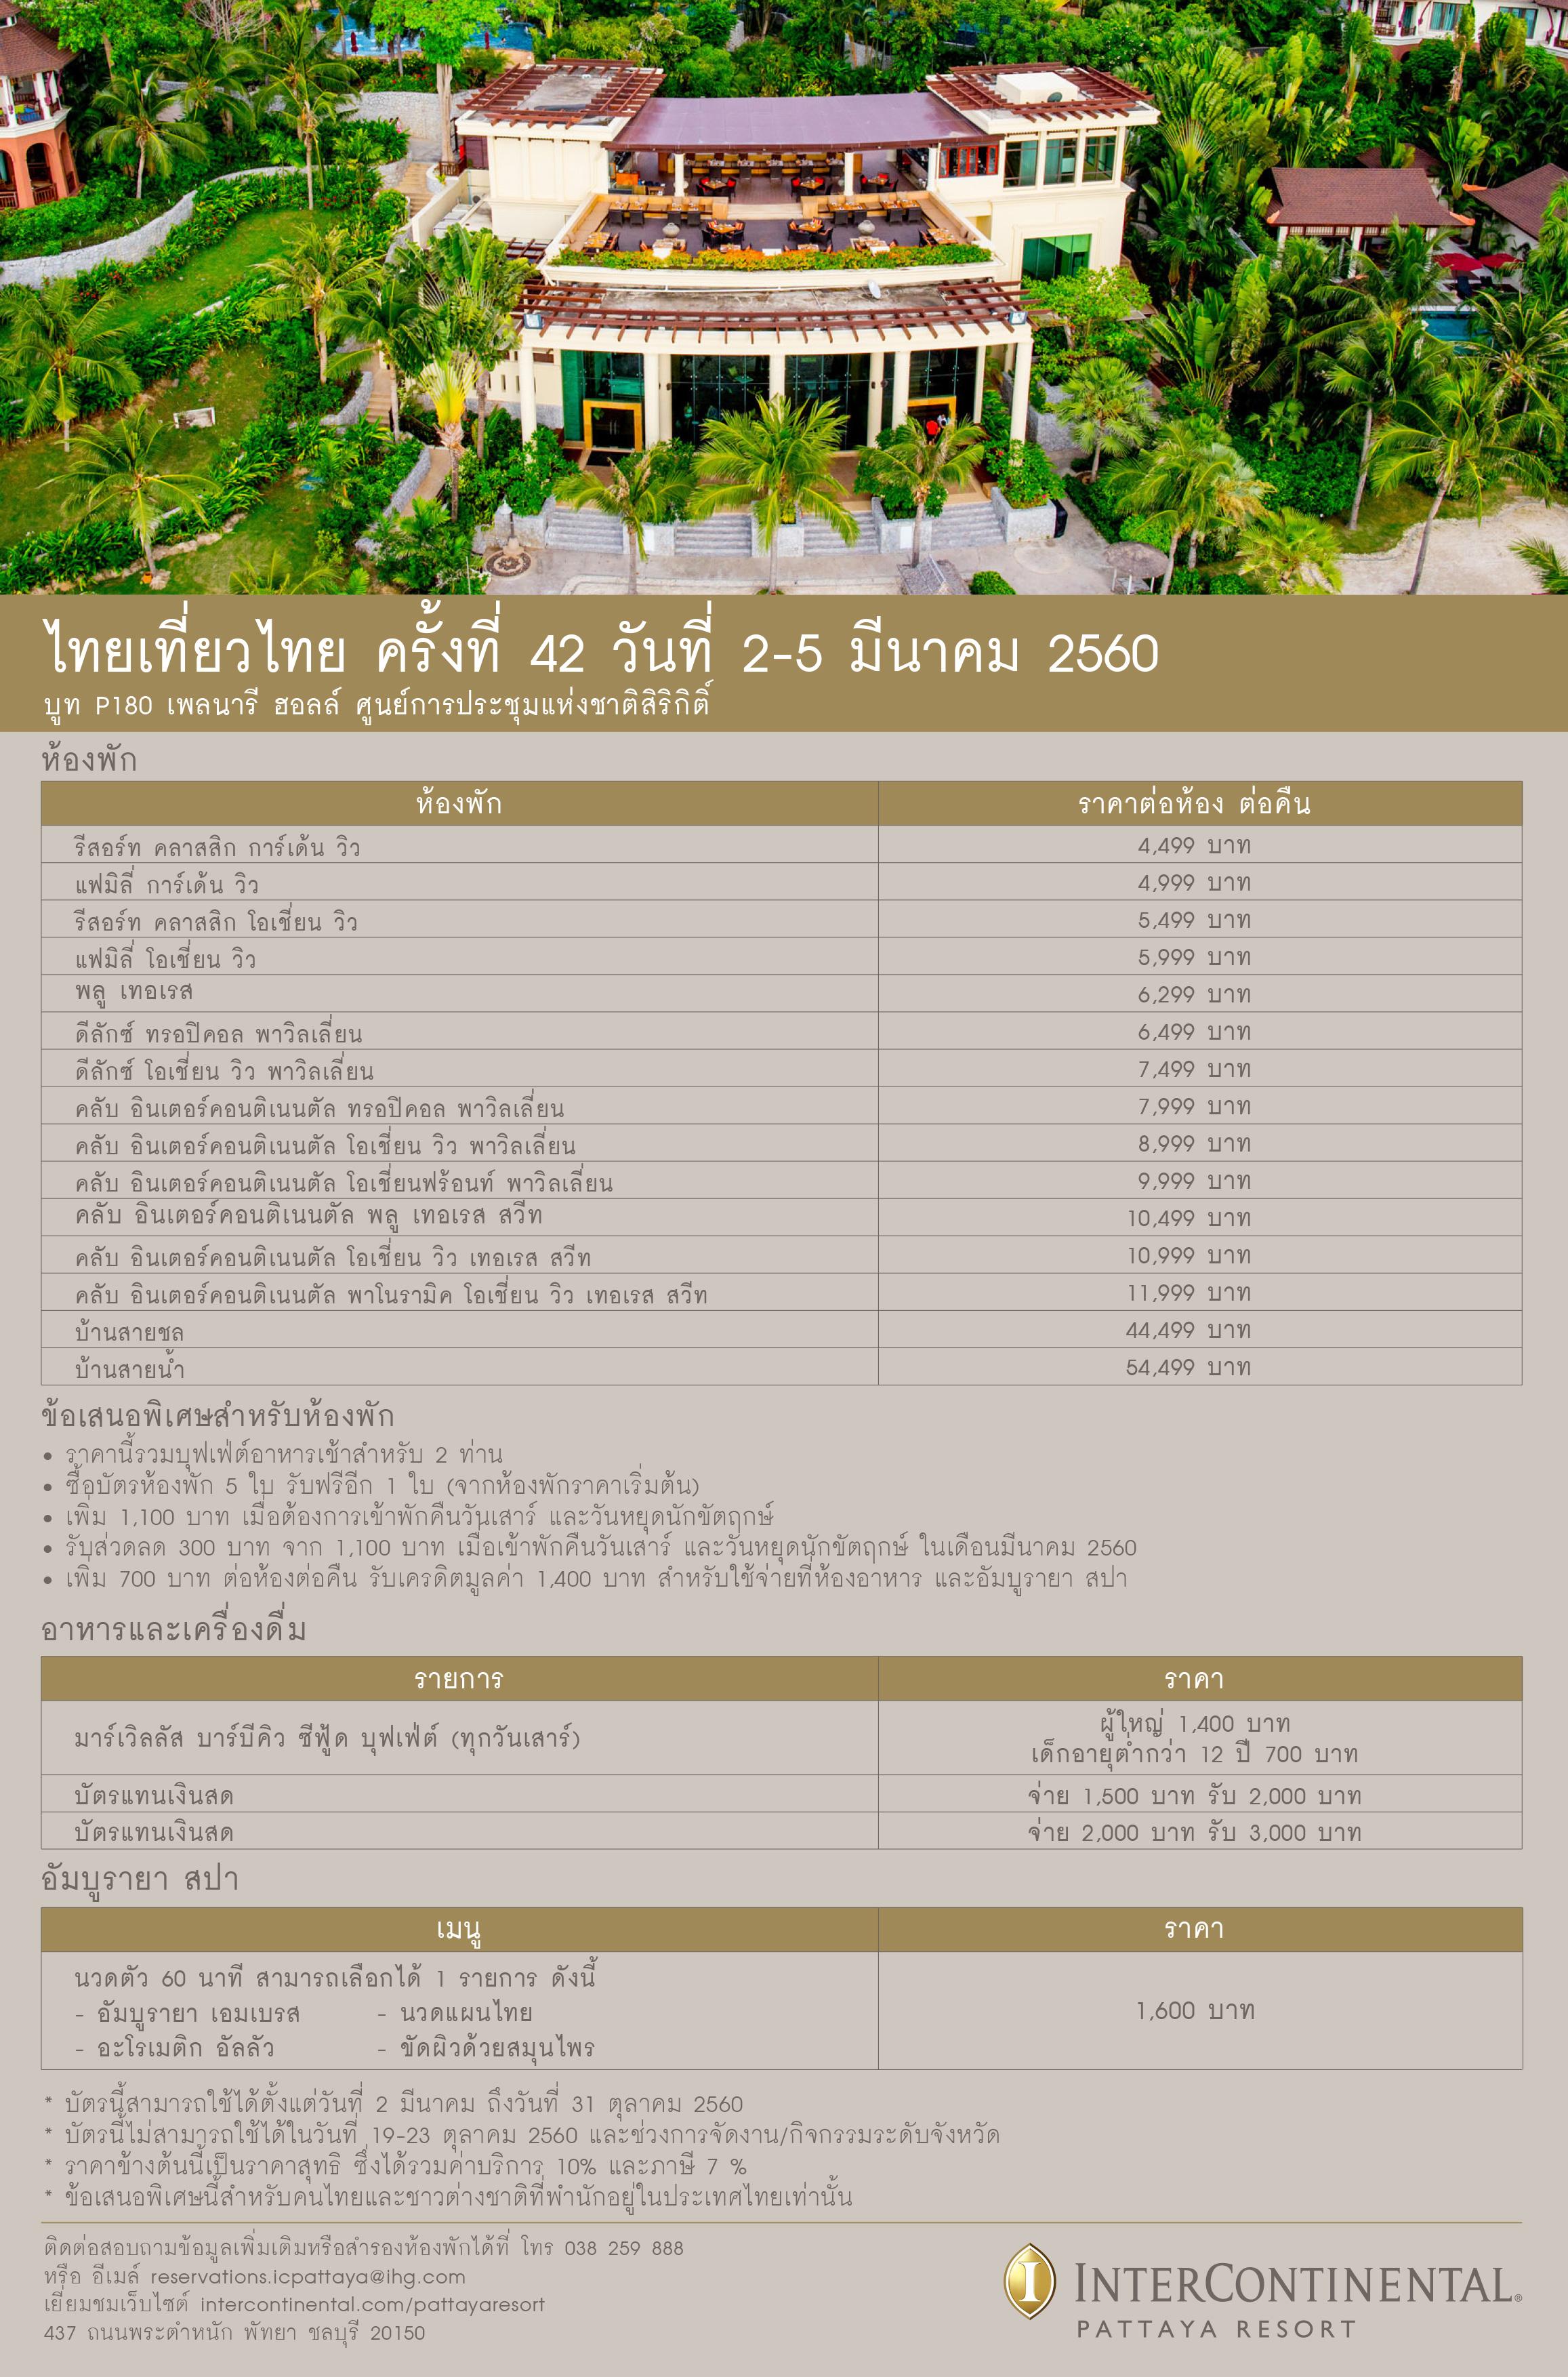 AW IC Pattaya ไทยเที่ยวไทย TH 8.2.17